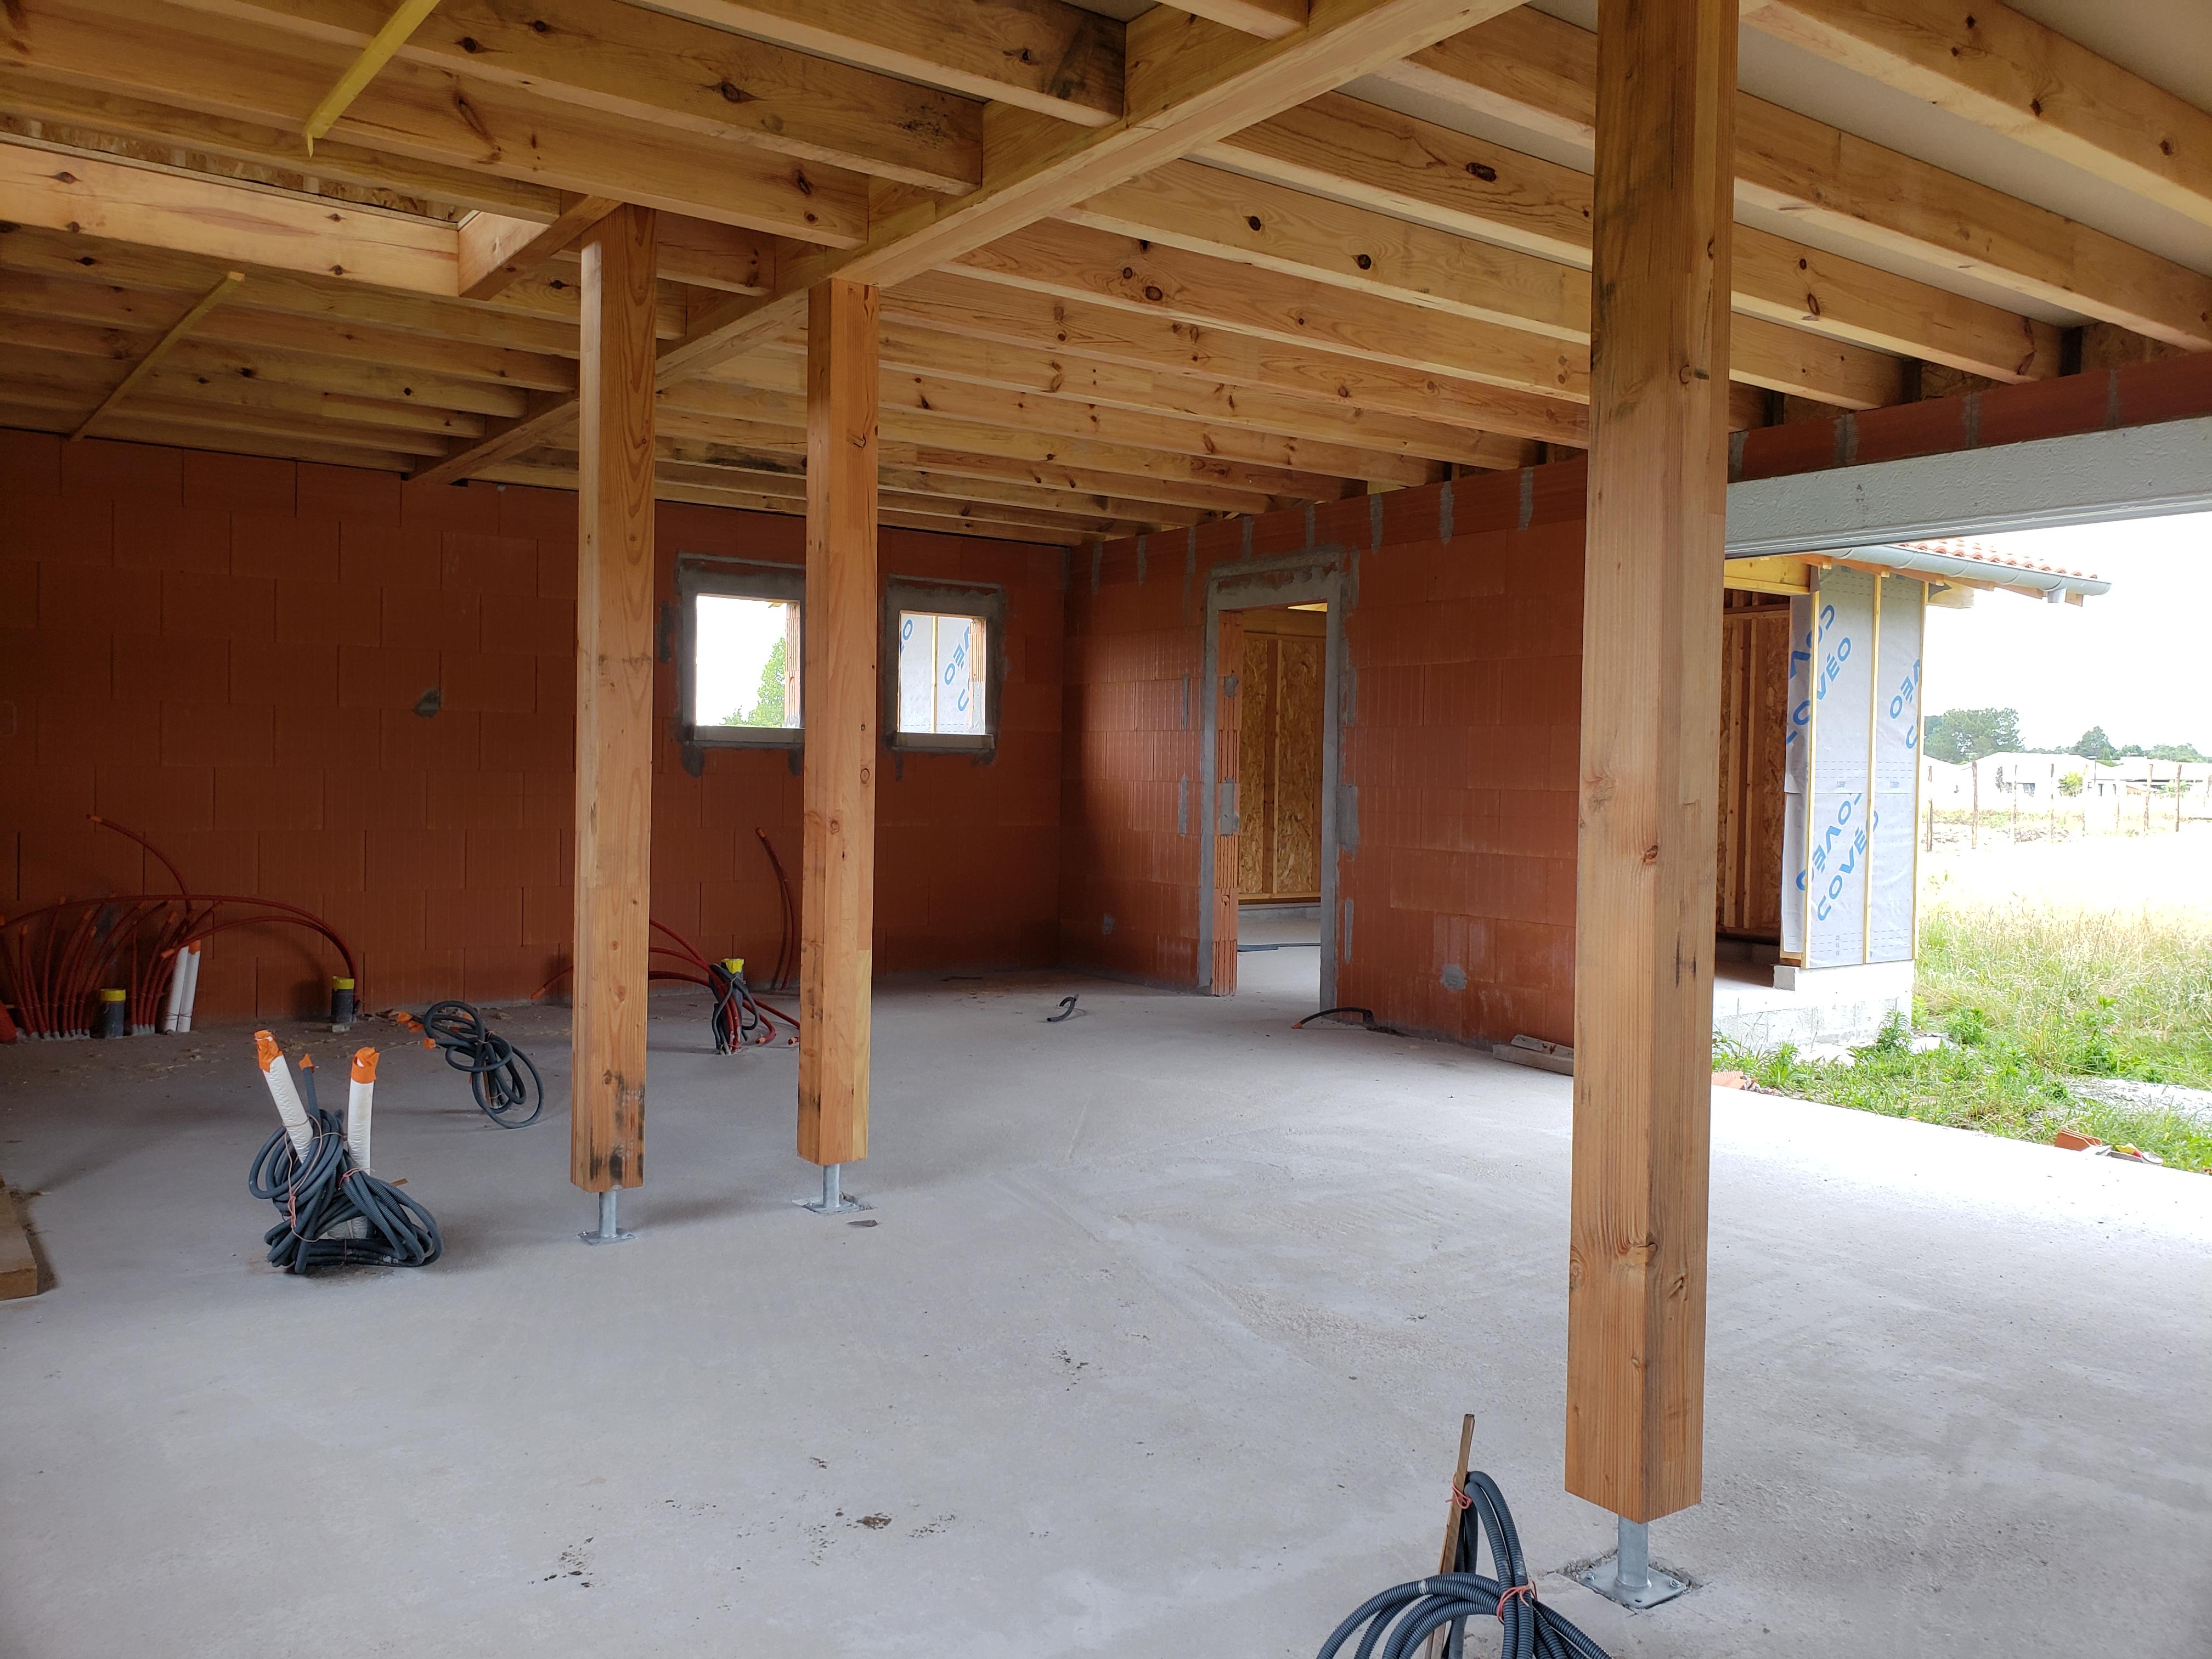 chantier maison en bois Landes